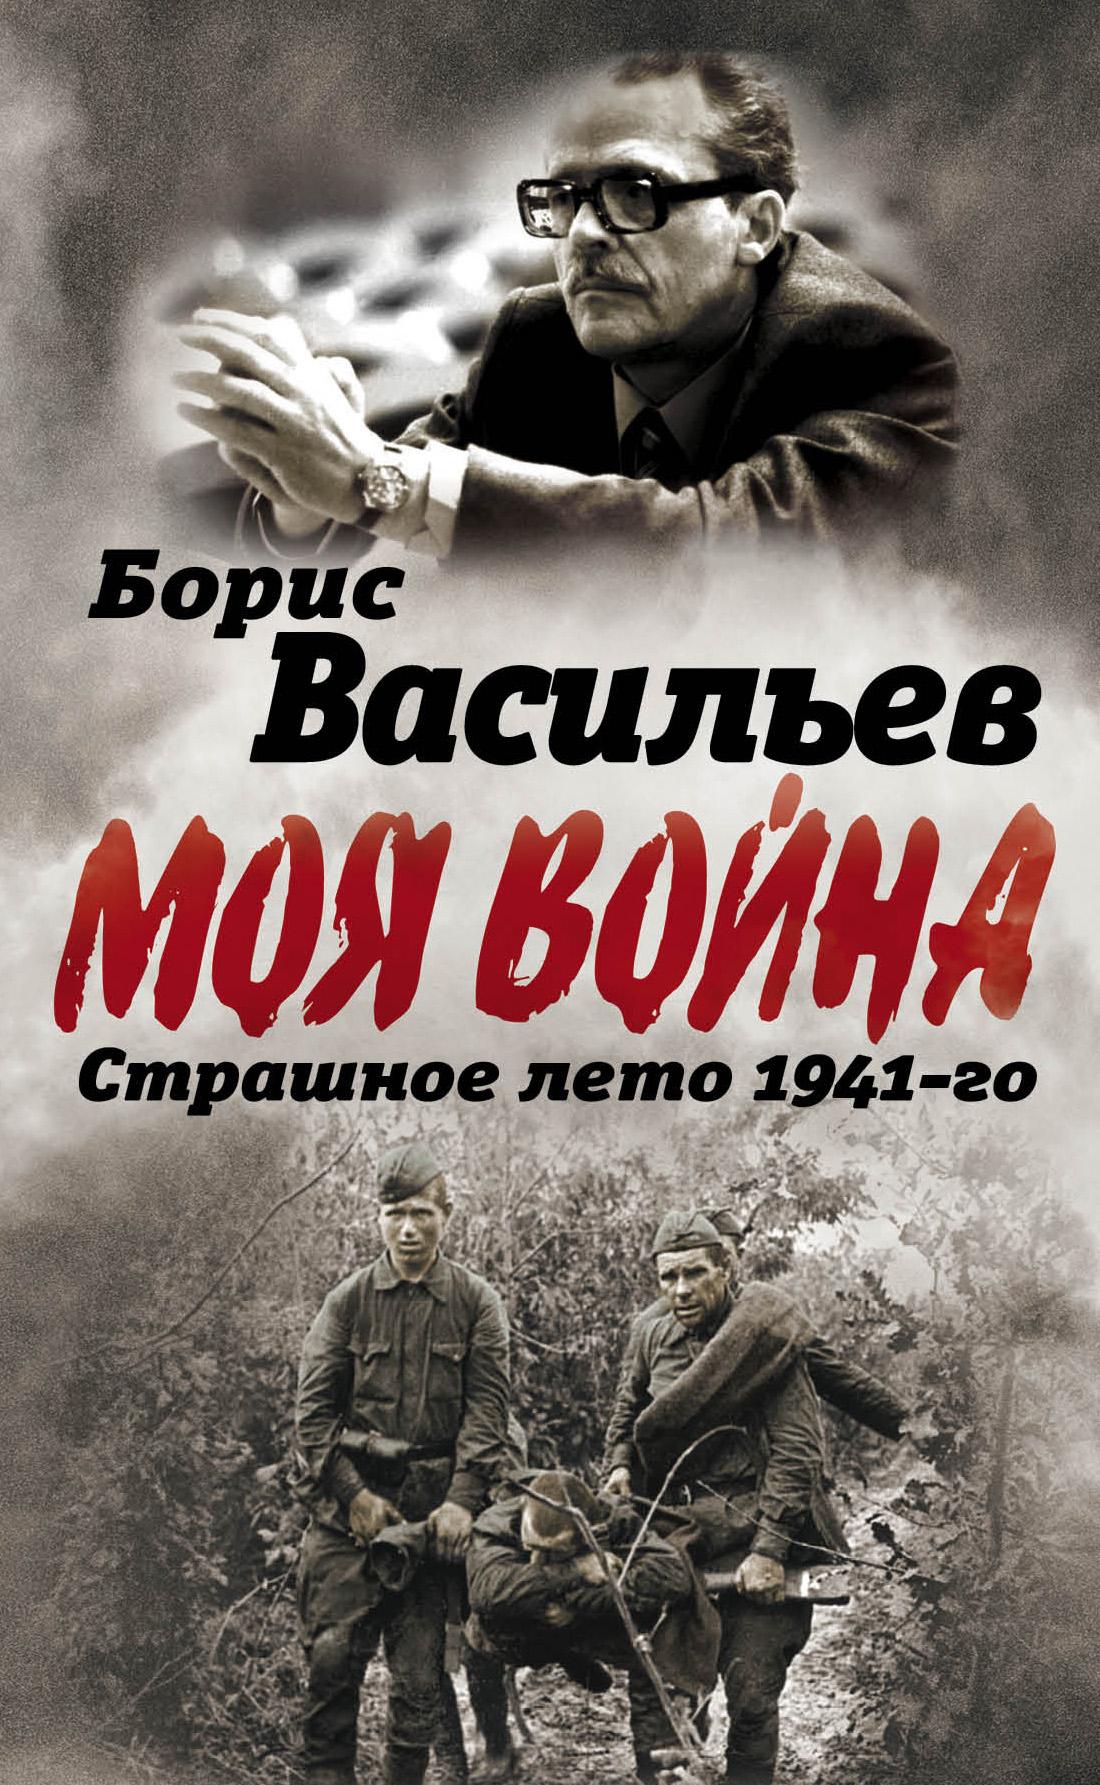 Борис Васильев В окружении. Страшное лето 1941-го борис васильев ветеран